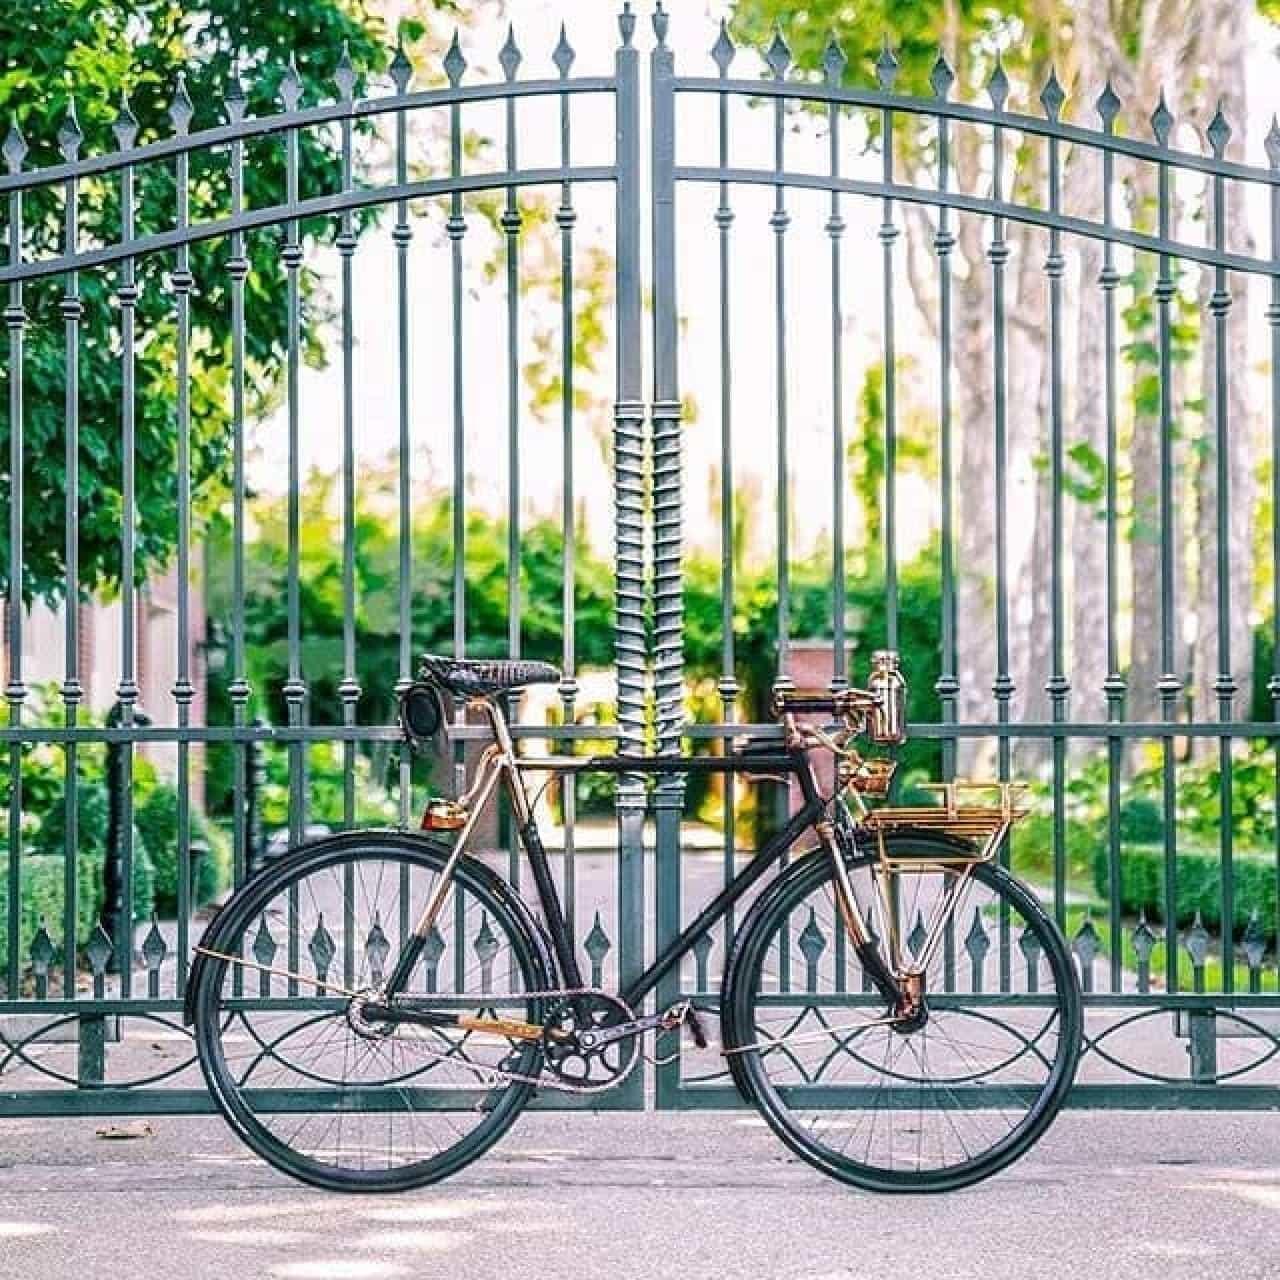 米国産ハンドメイド自転車「WHEELMEN PYTHON WRAPPED BICYCLE」